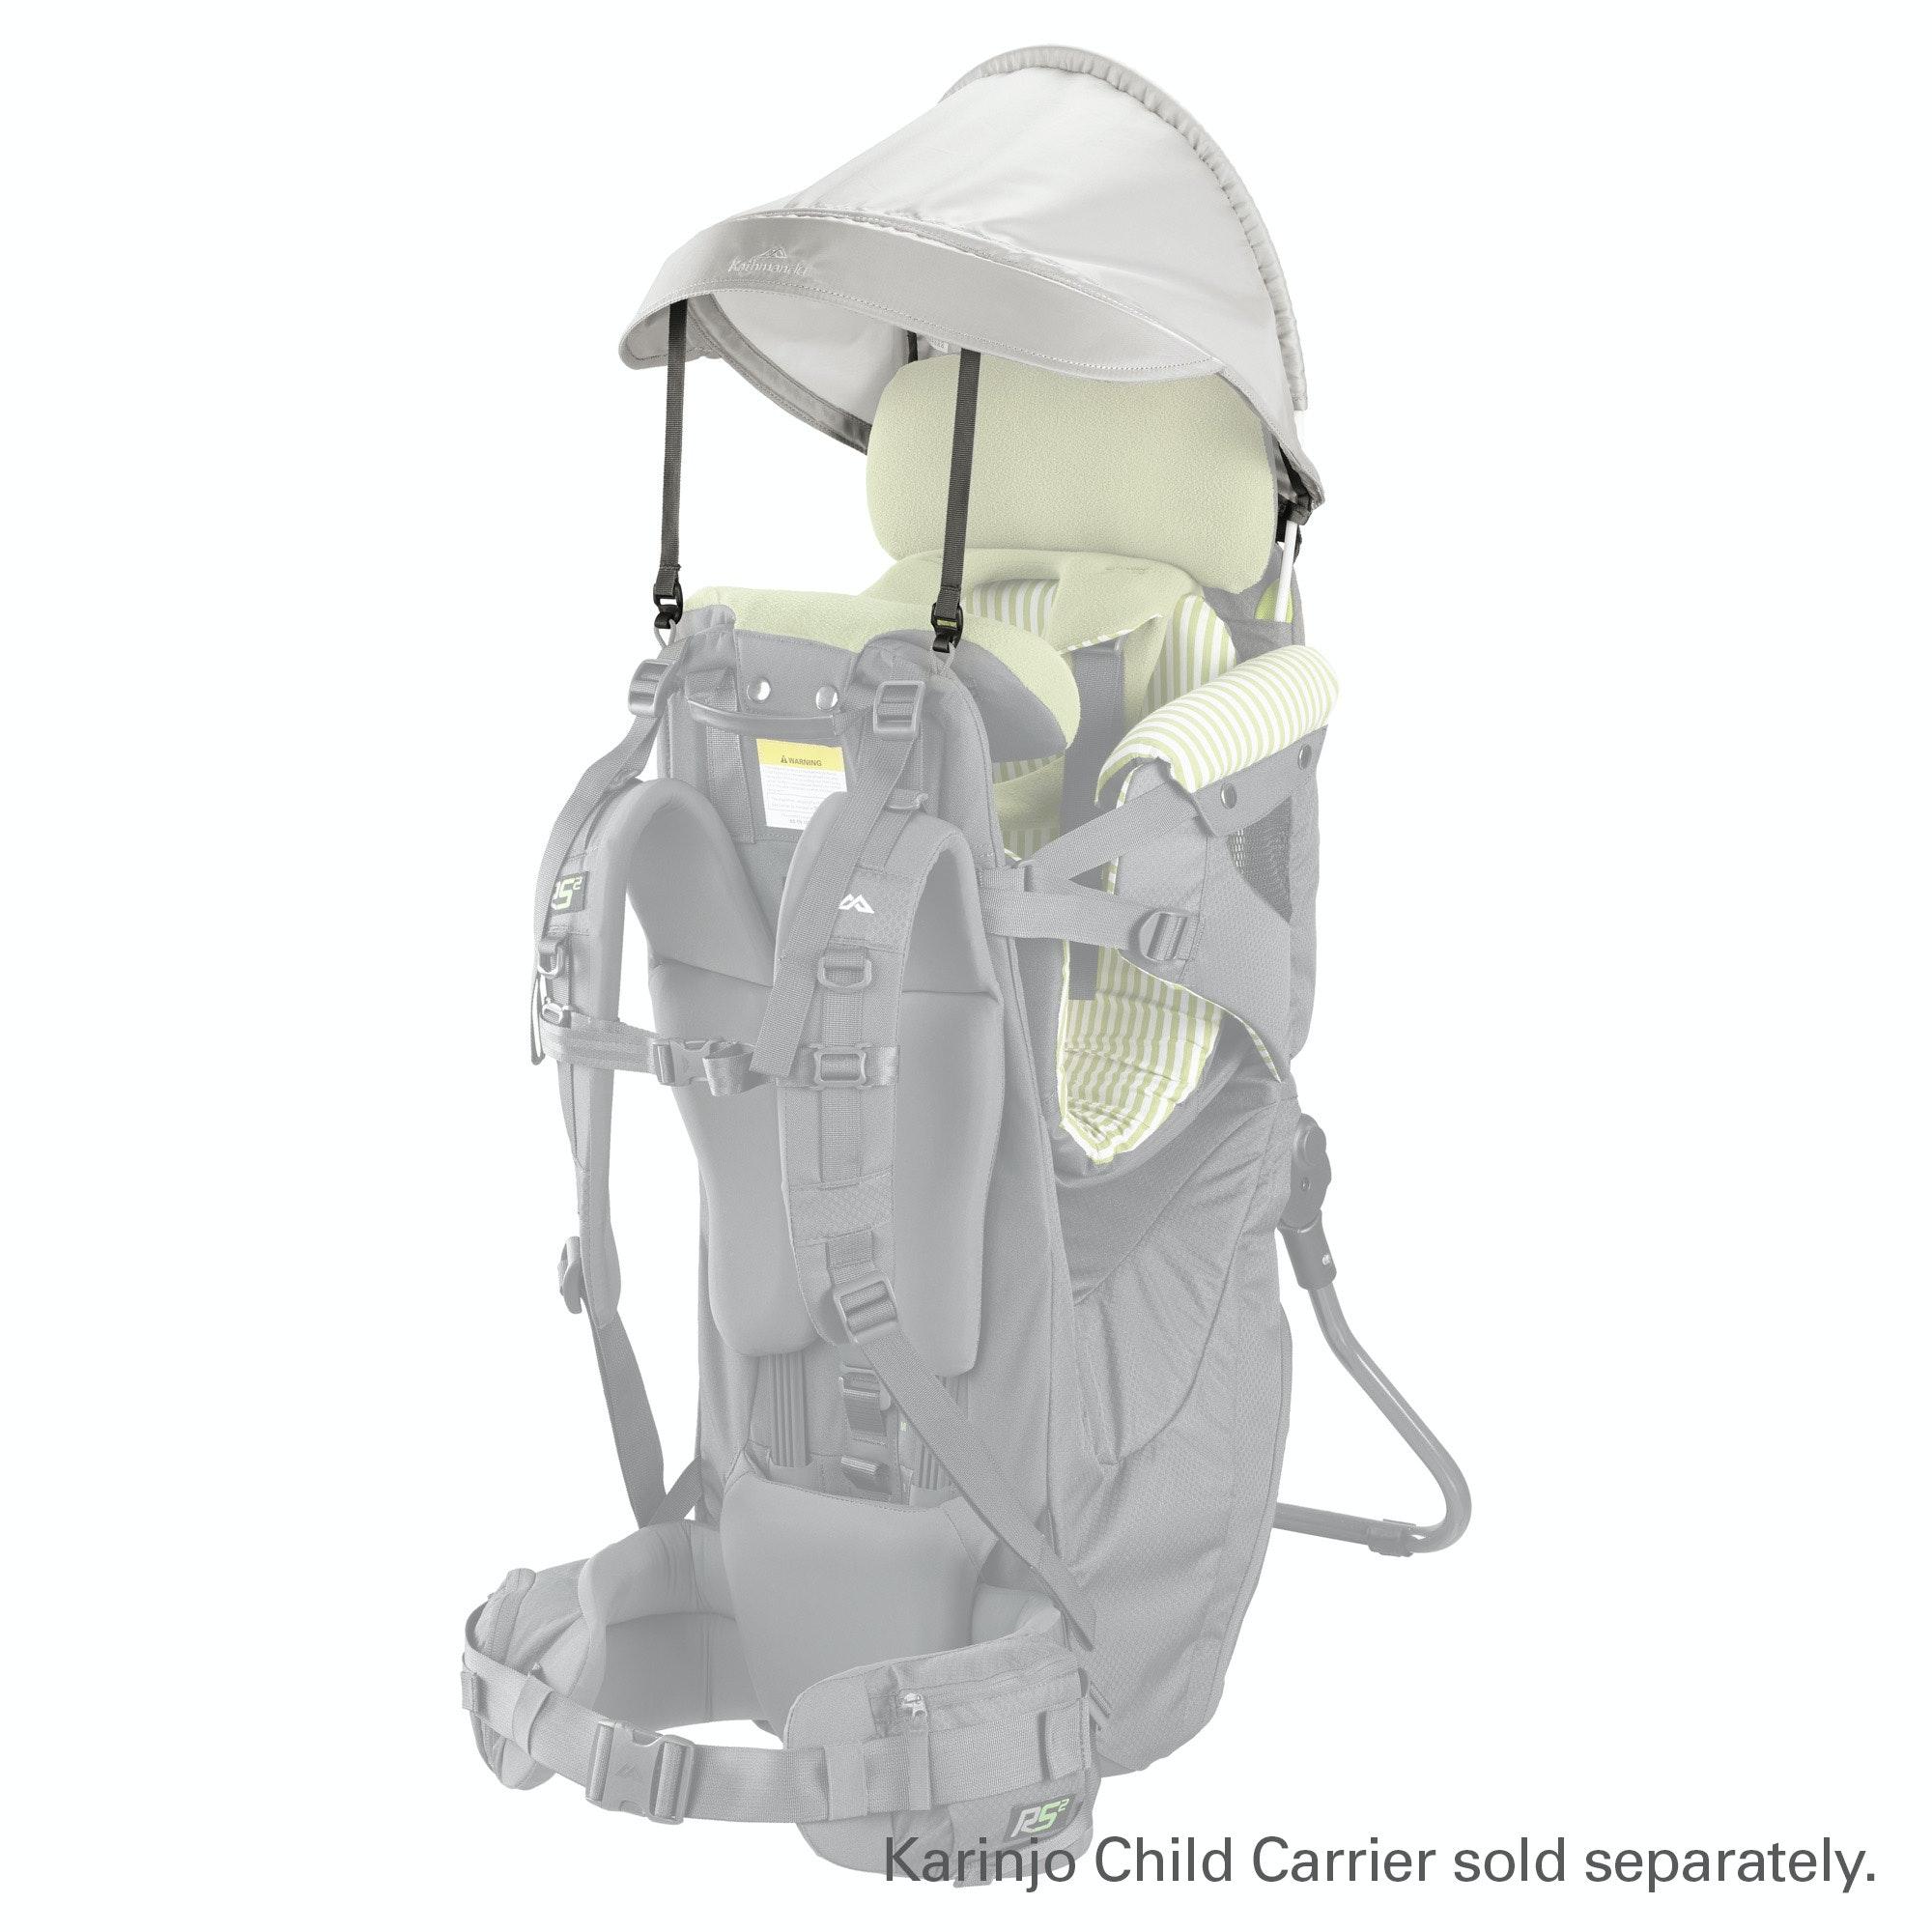 kathmandu karinjo child carrier v2